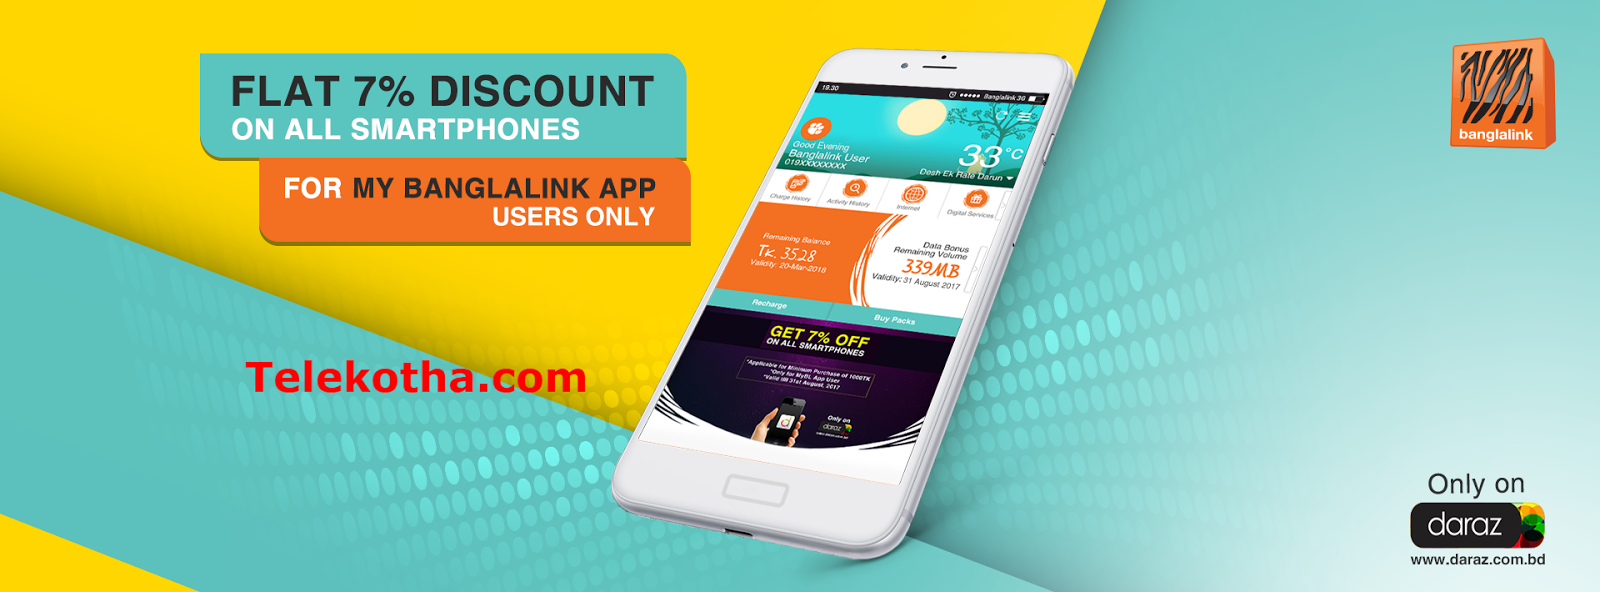 Banglalink App-Daraz Discount Offers on Smartphones